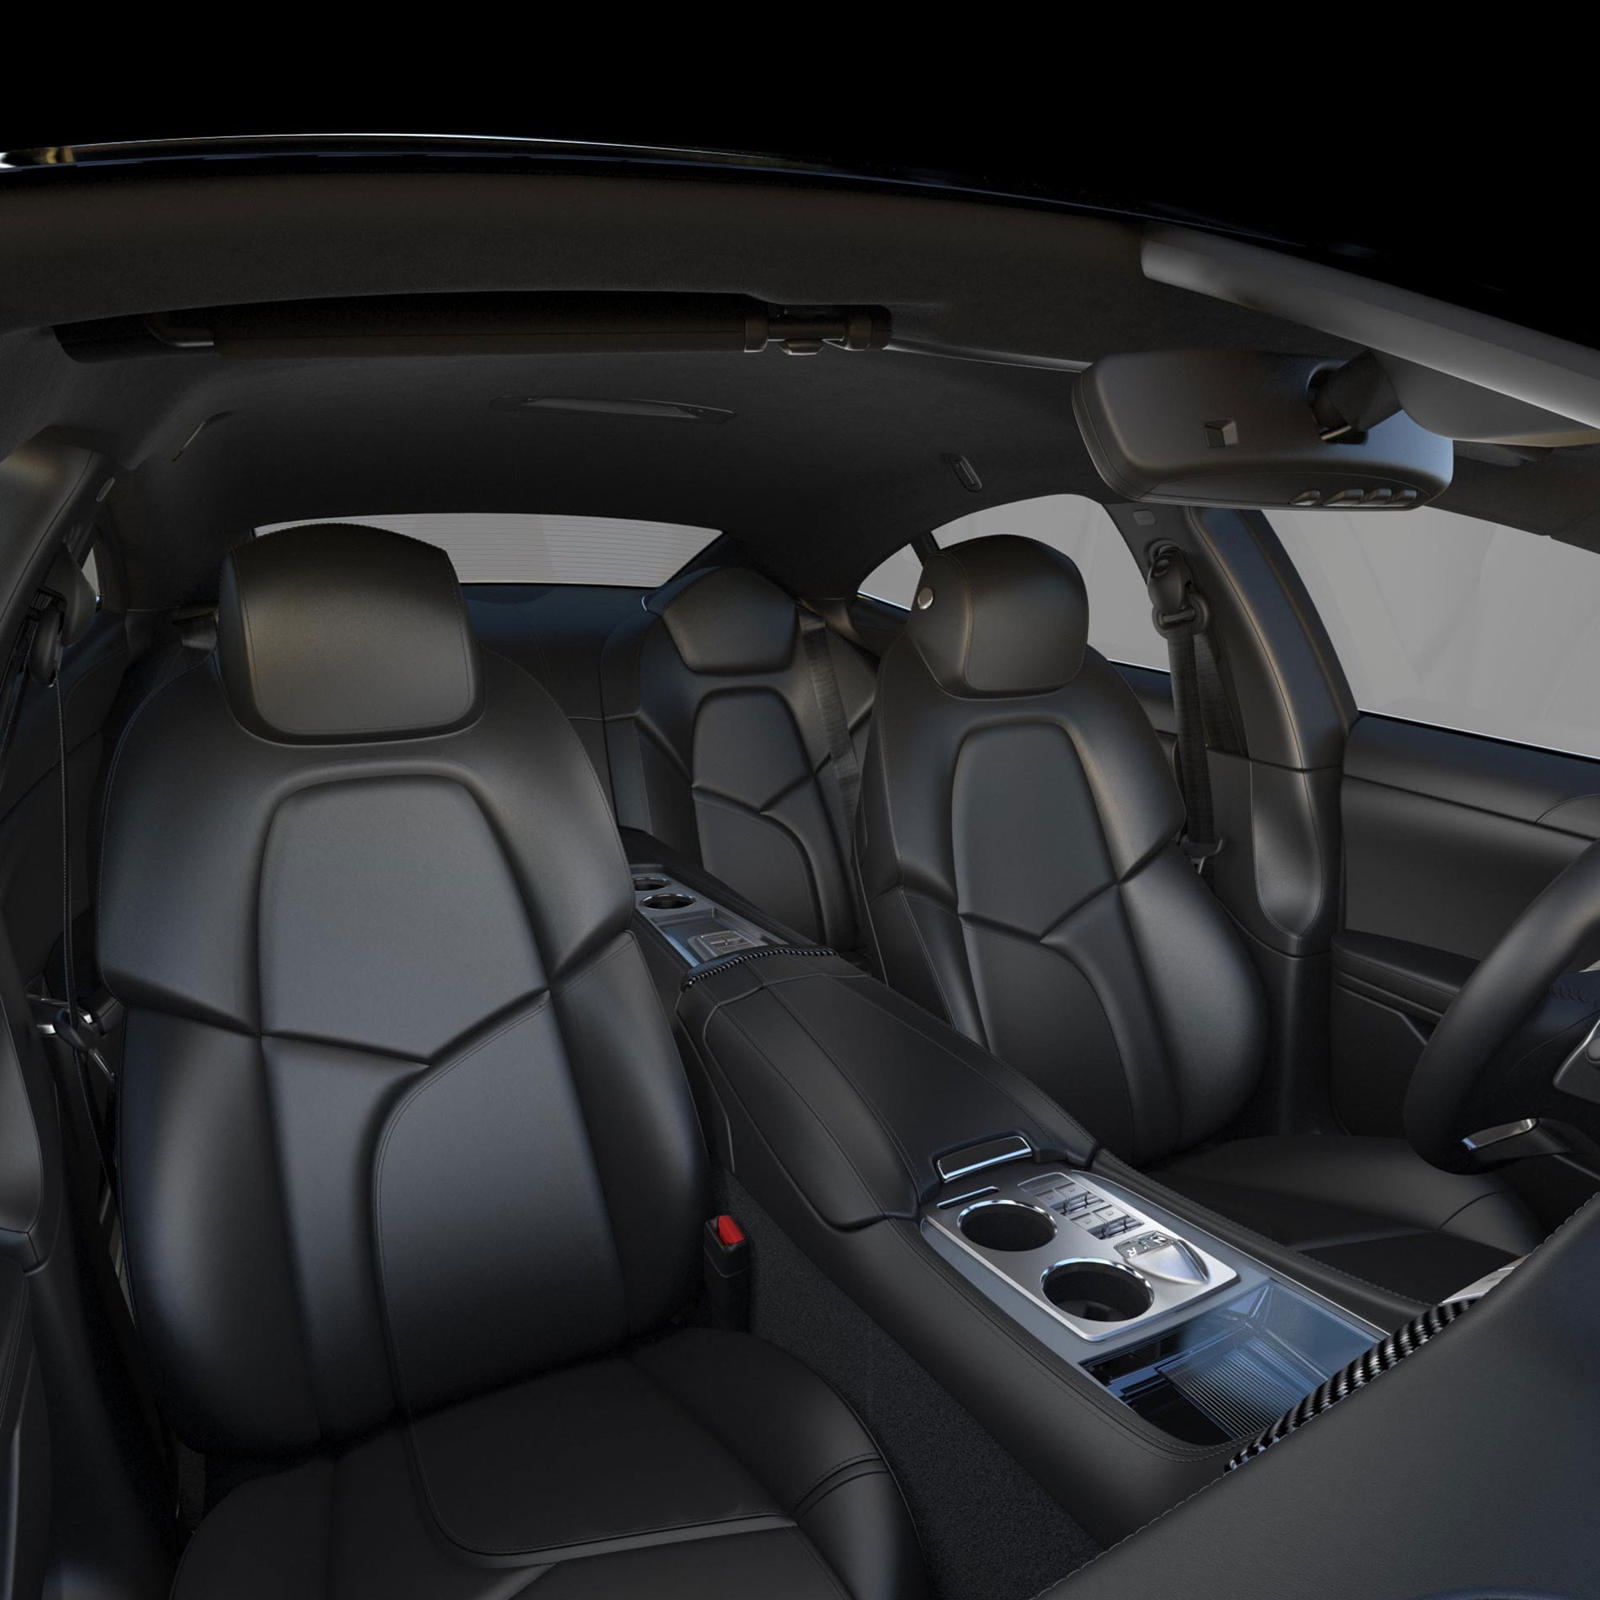 Karma Automotive, которая создает великолепный гибридный роскошный седан Revero, делает большие шаги (несмотря на сомнения в его финансовой стабильности), разрабатывая платформу E-Flex, которая ляжет в основу ее электрического суперкара Karma SC2 мощ